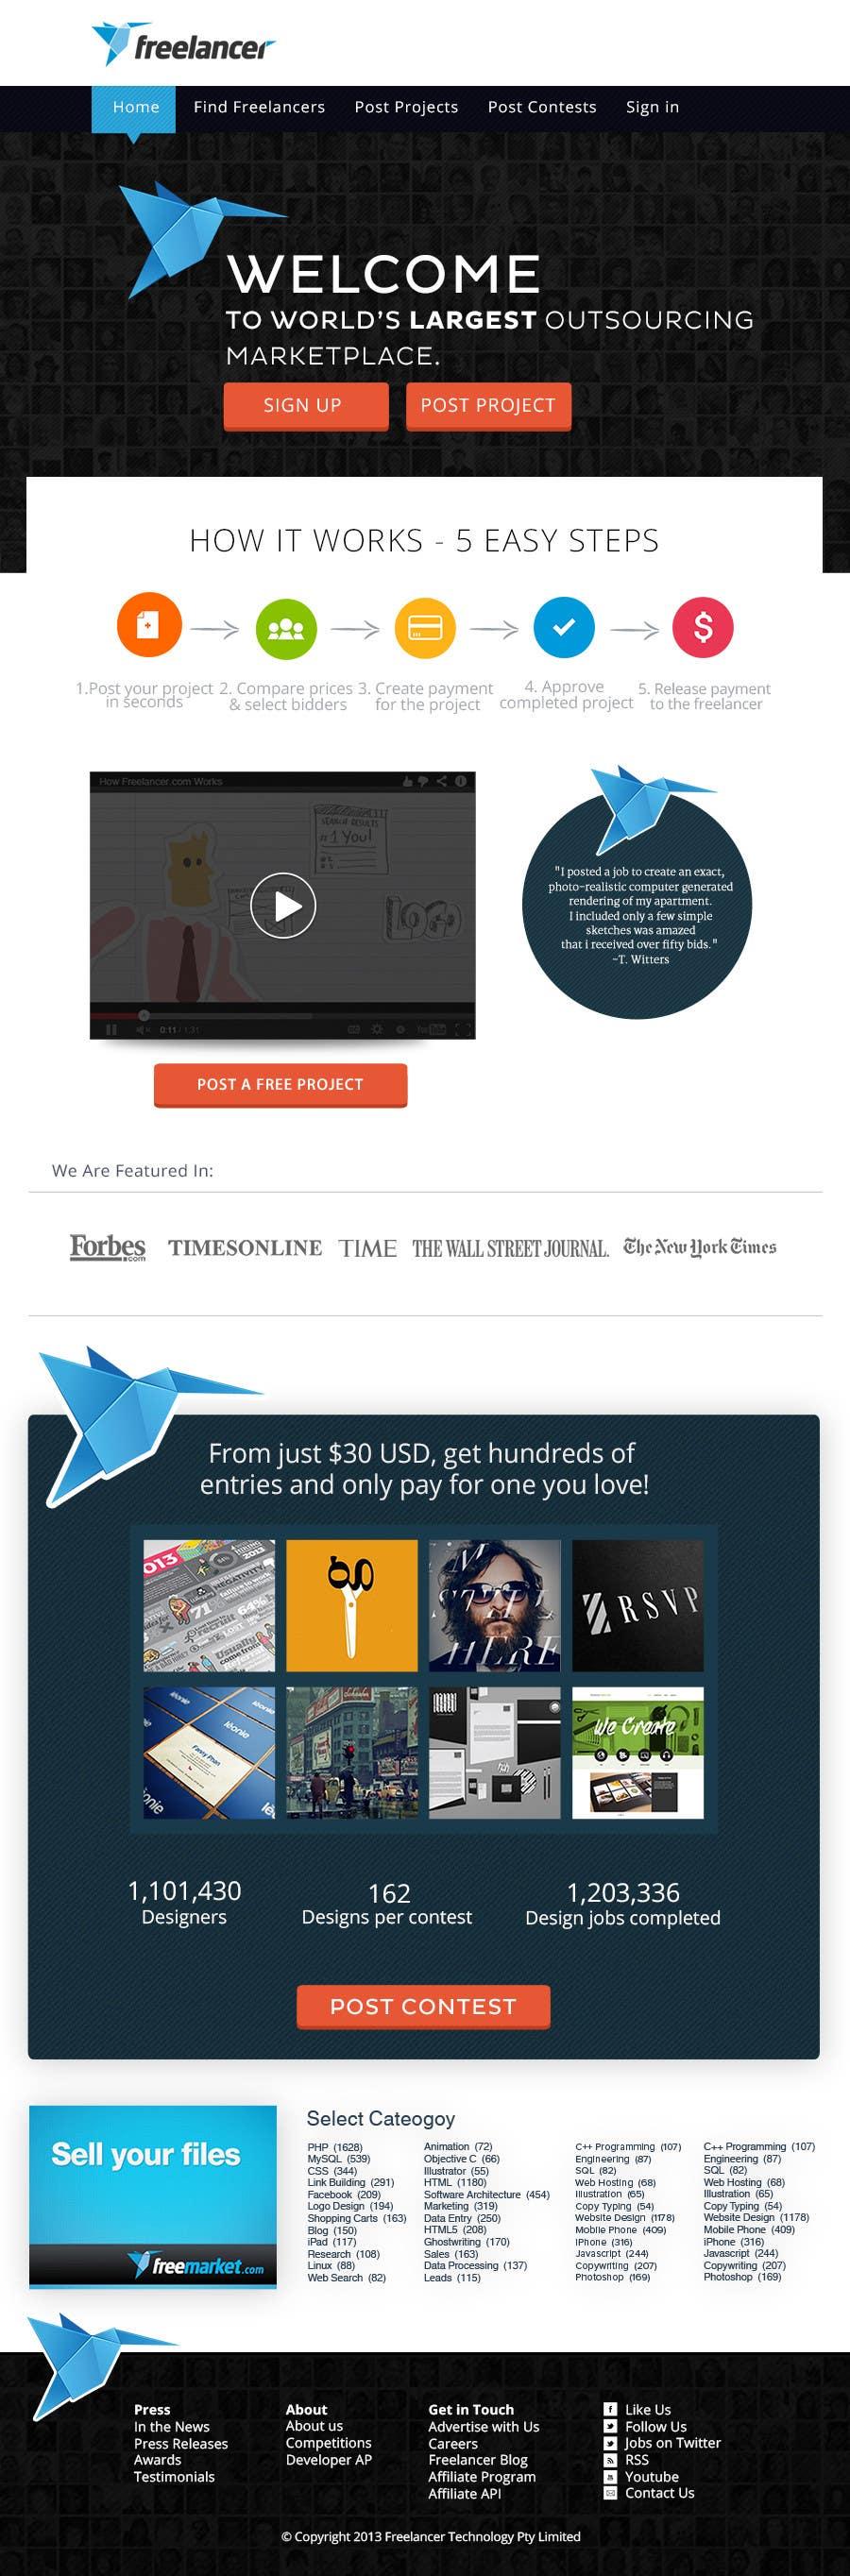 Contest Entry #354 for Freelancer.com contest! Design our Homepage!